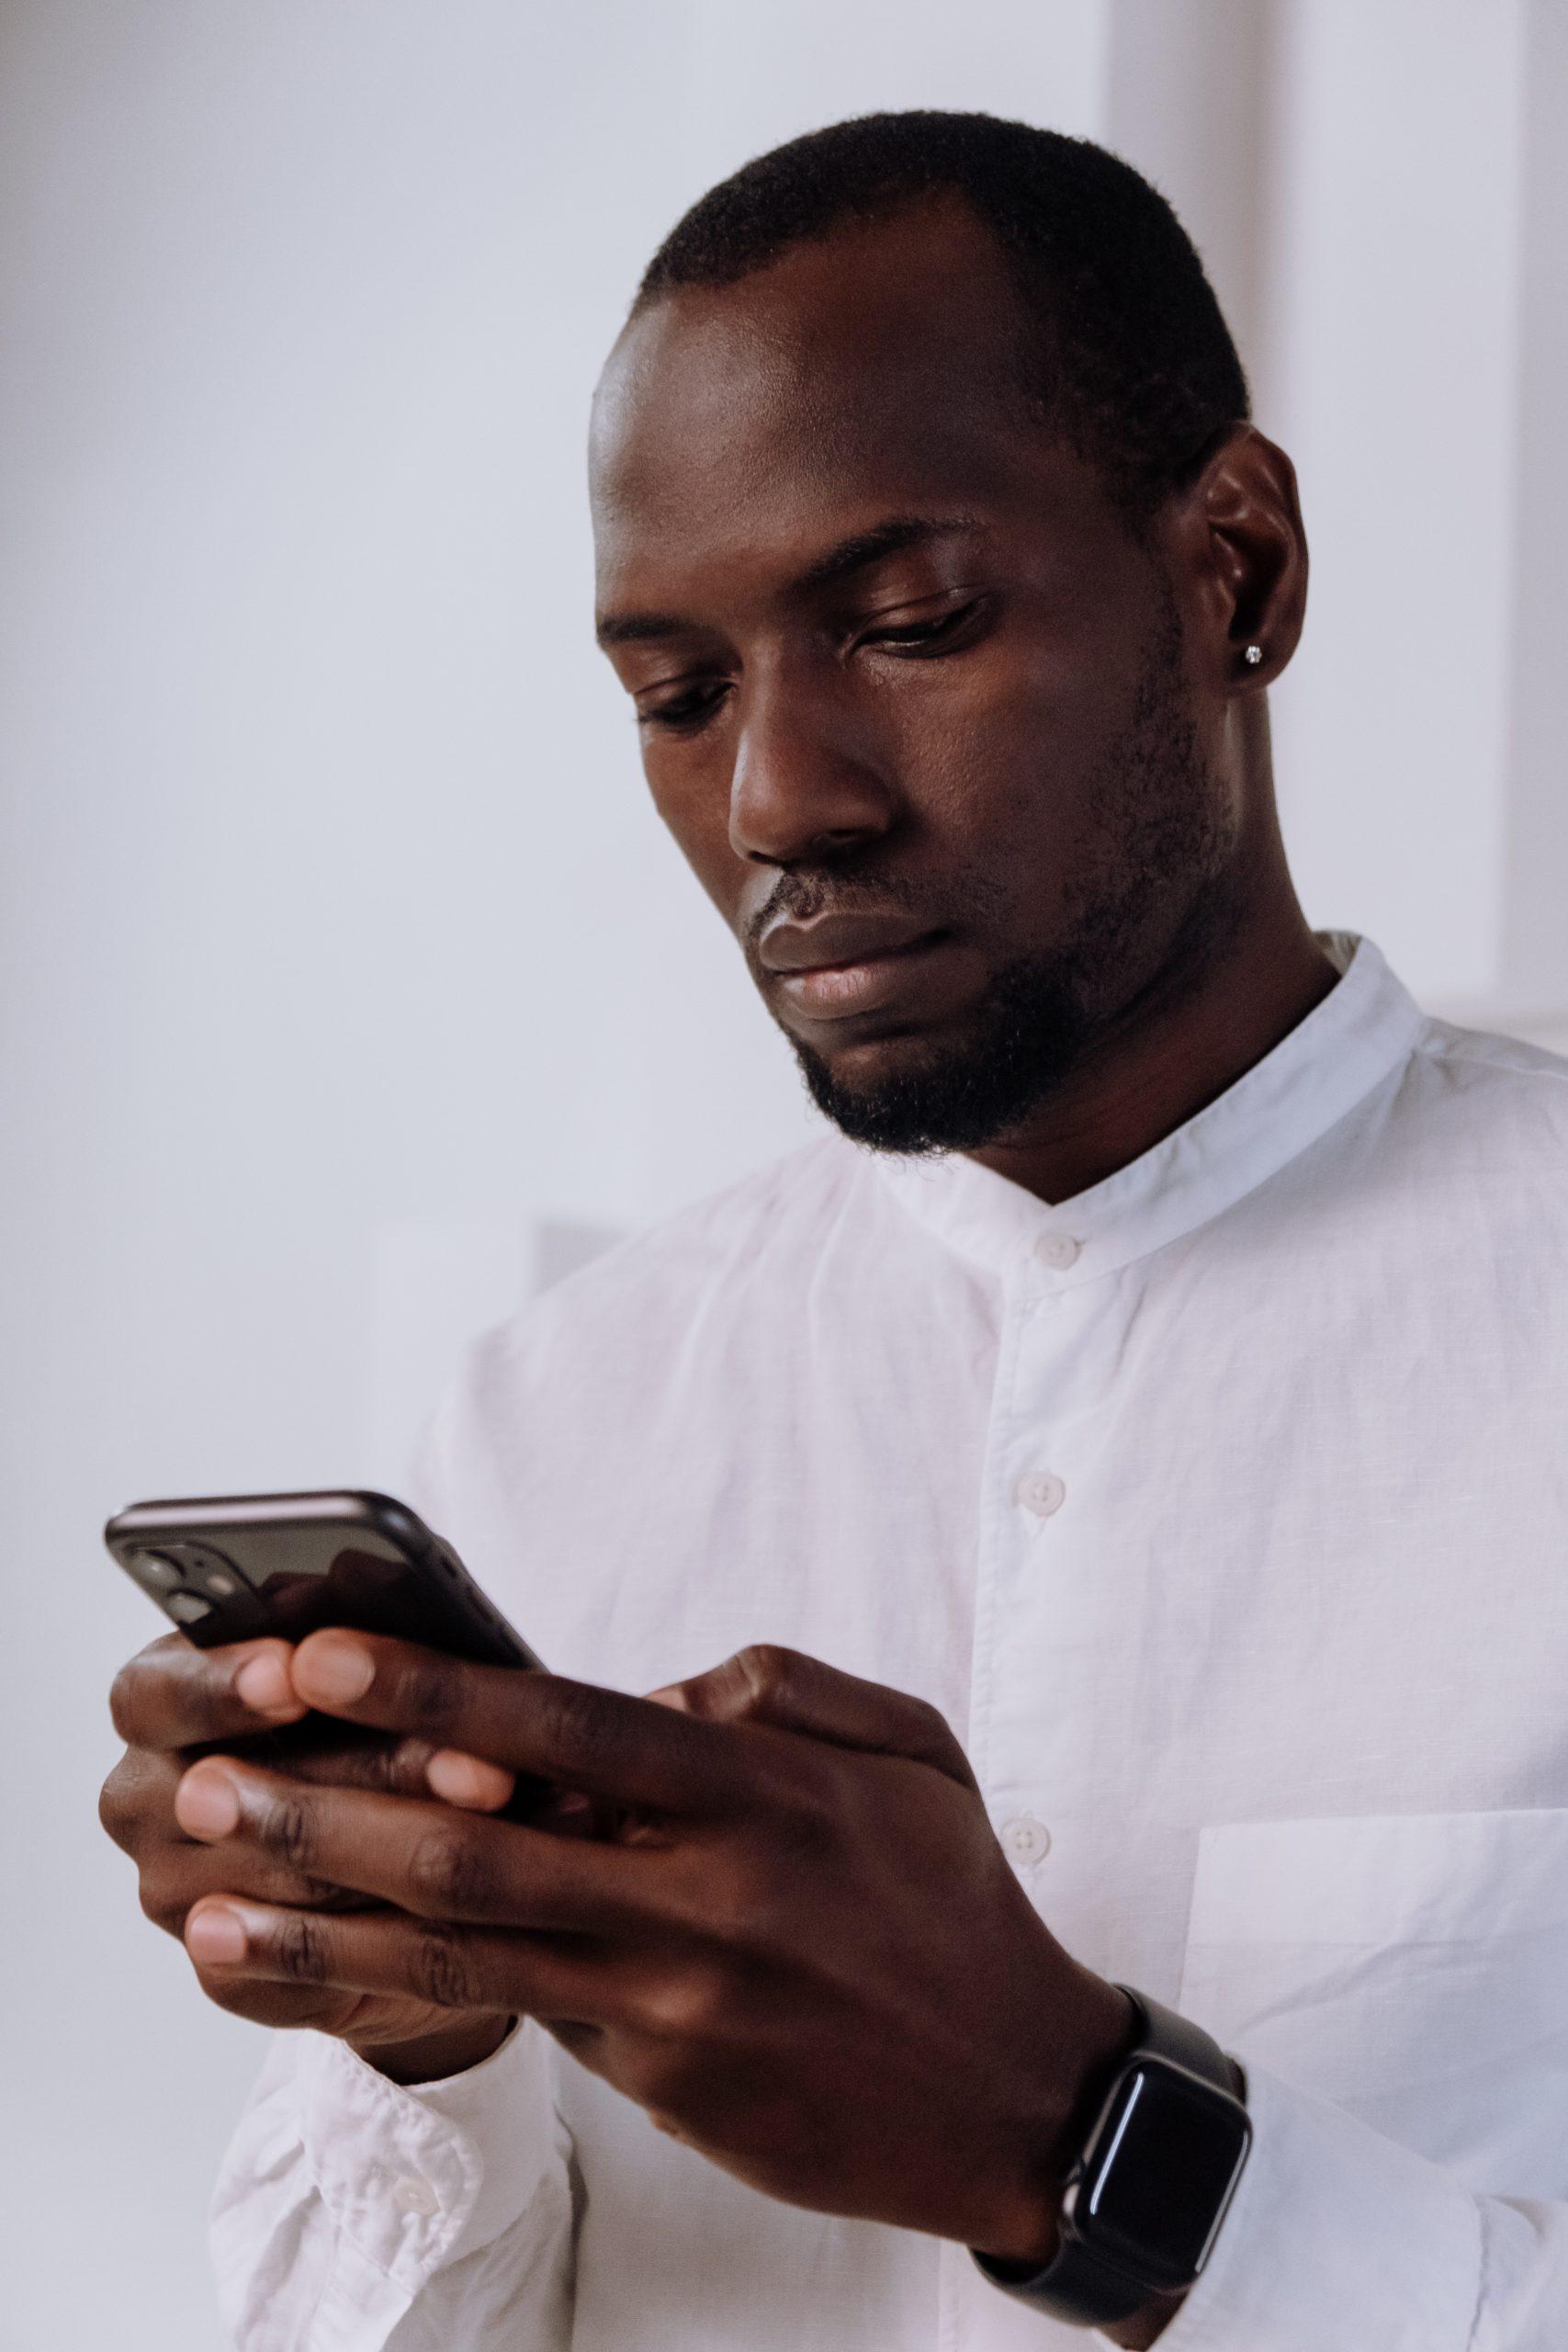 mobil bewerben